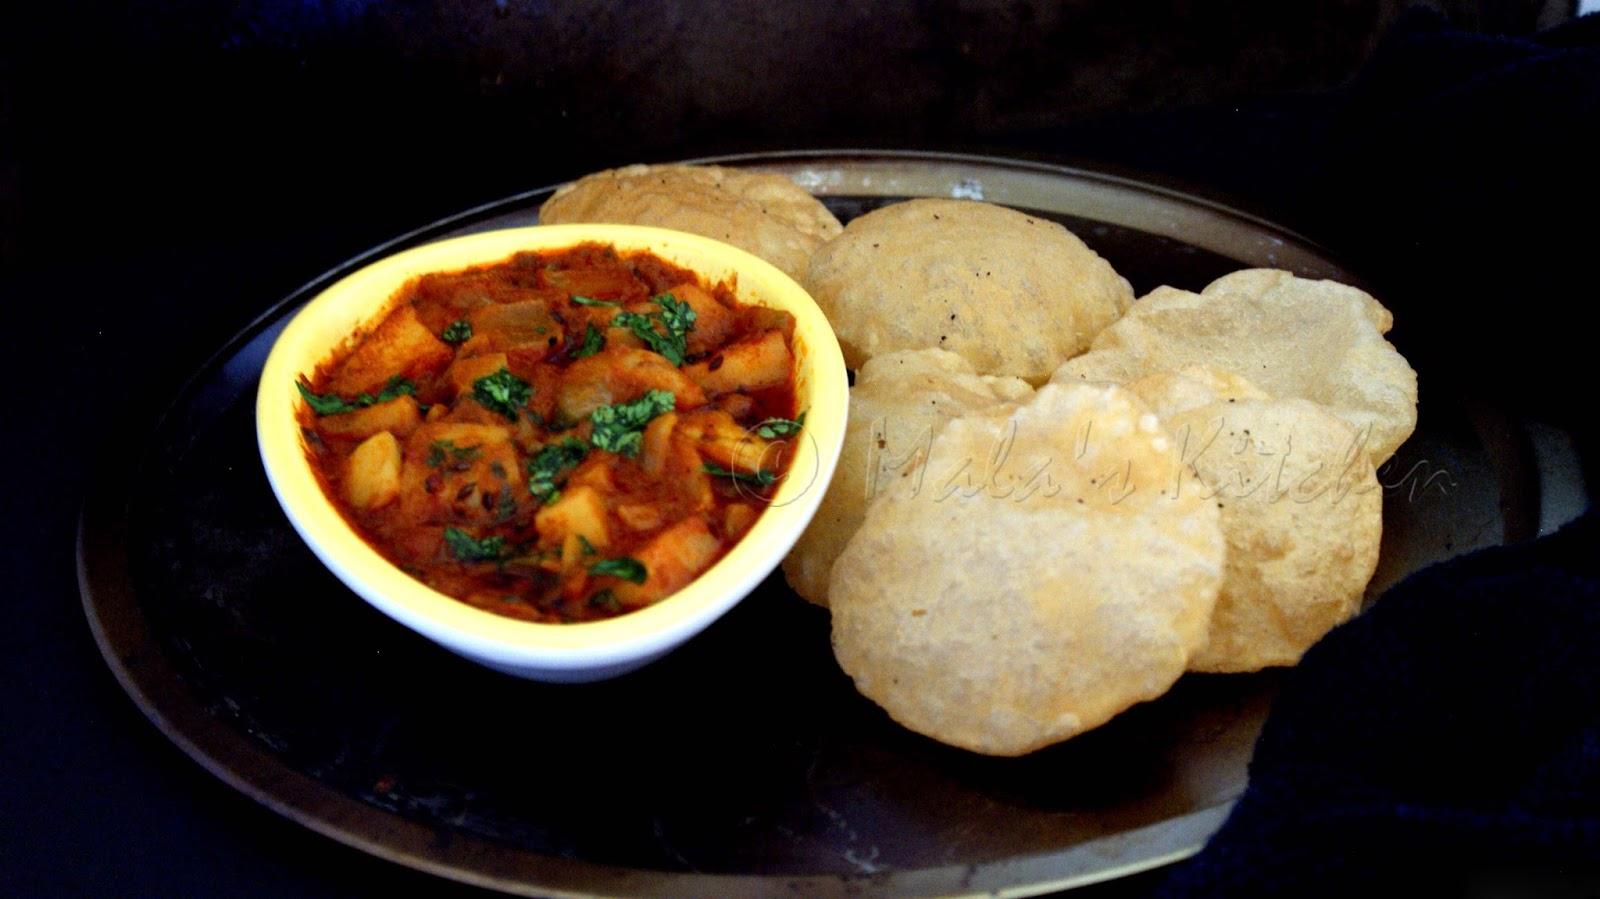 Hebbar S Kitchen Cauliflower Recipes